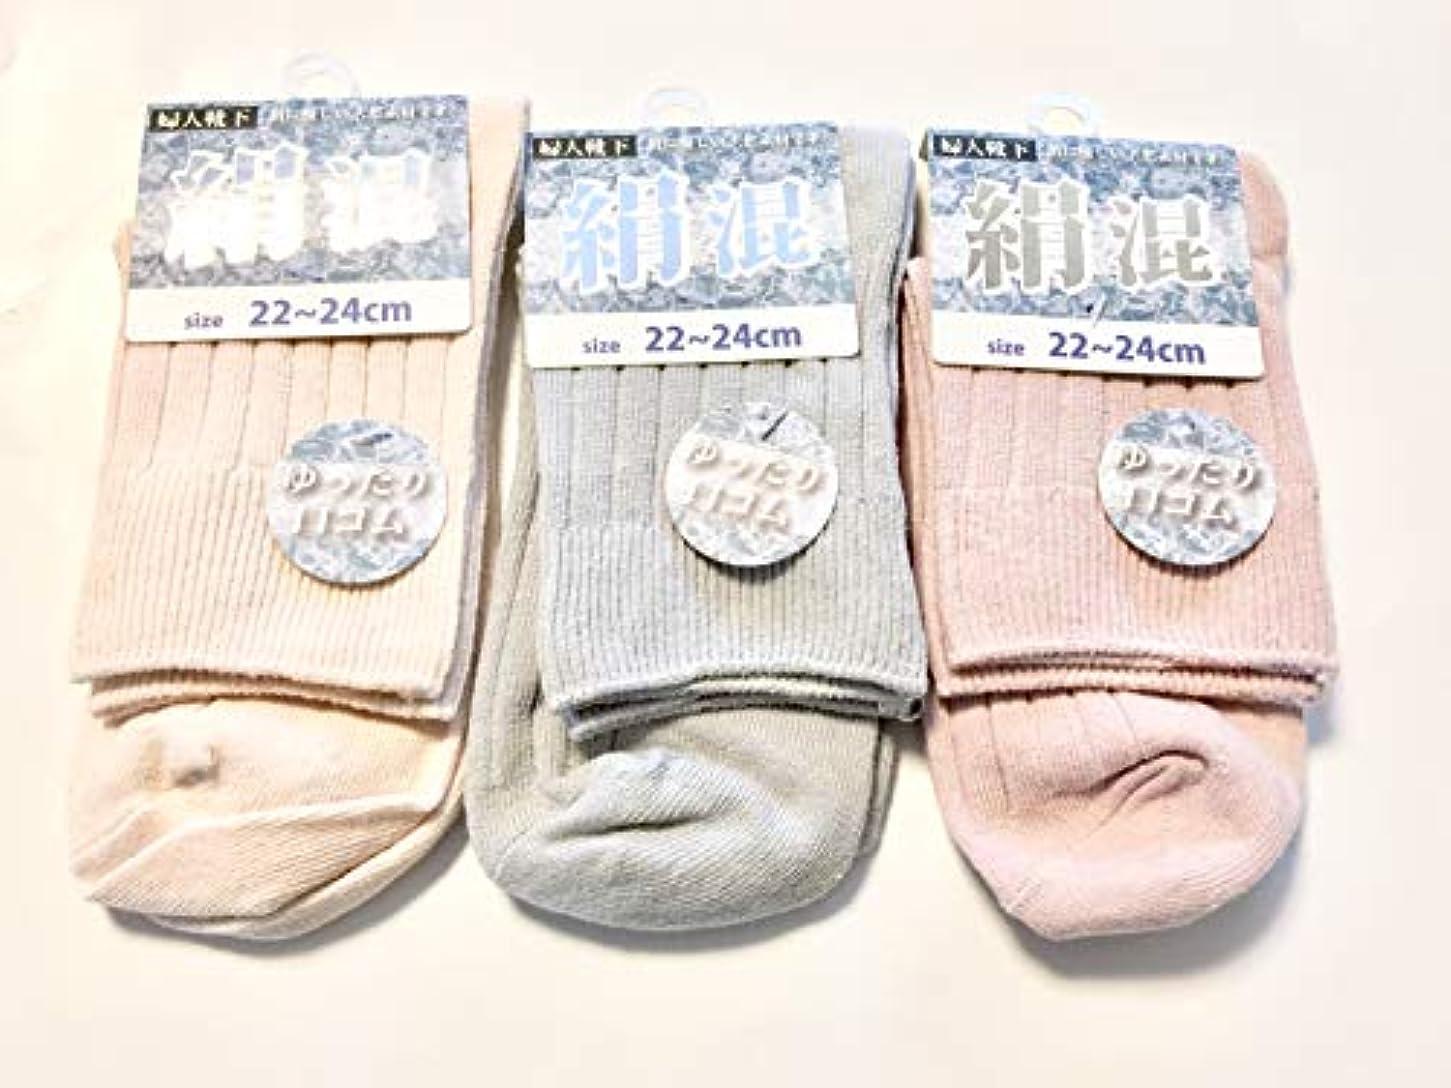 誕生日メガロポリス丘靴下 レディース シルク混 リンクスソックス 口ゴムゆったり 22-24cm 3足組(色はお任せ)